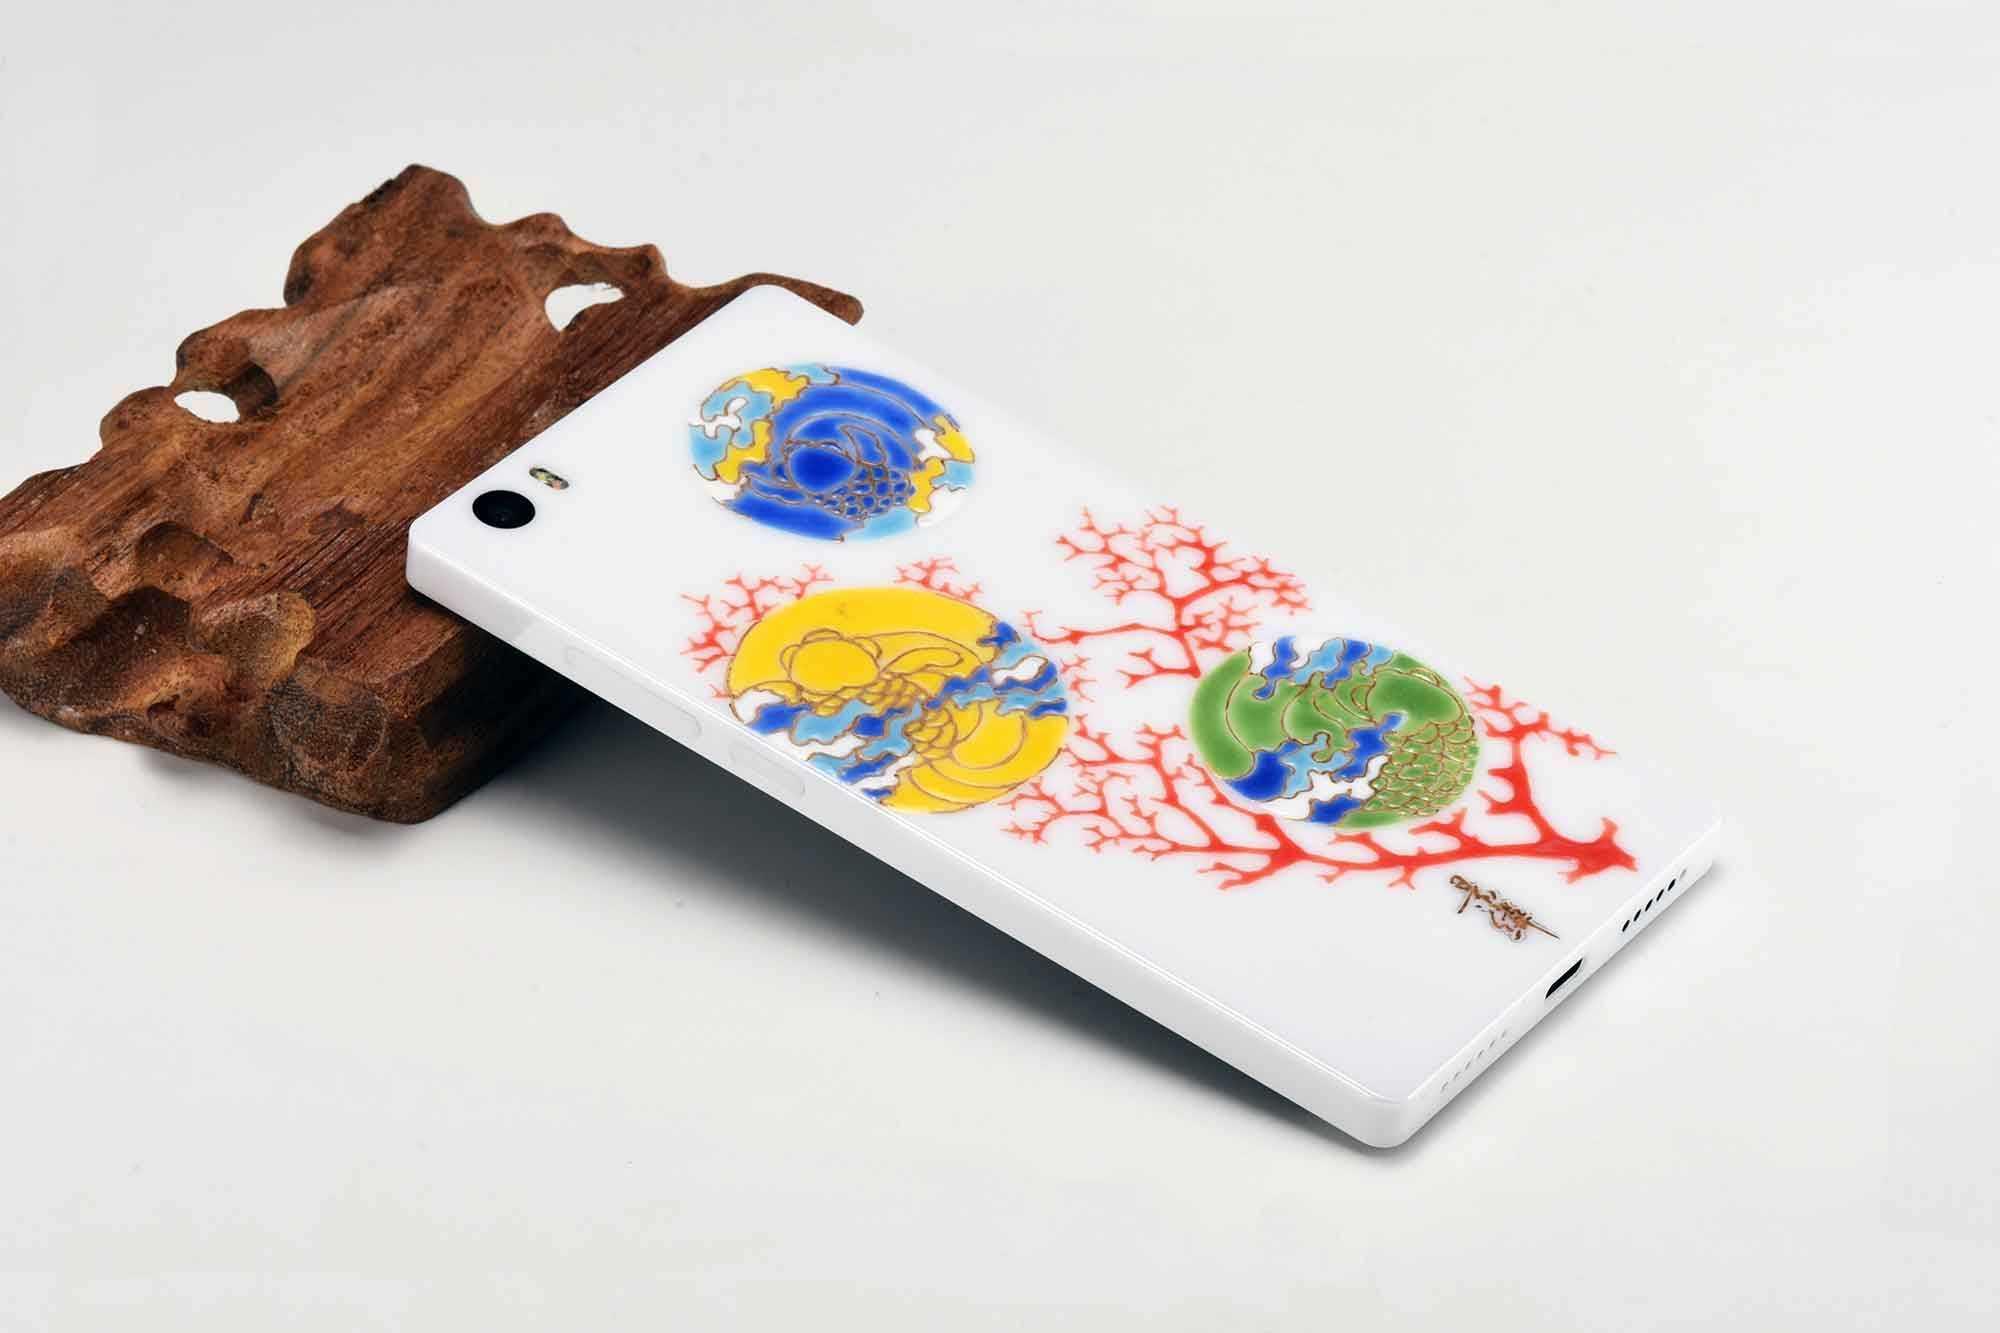 Royole flexpai - первый по-настоящему гнущийся смартфон